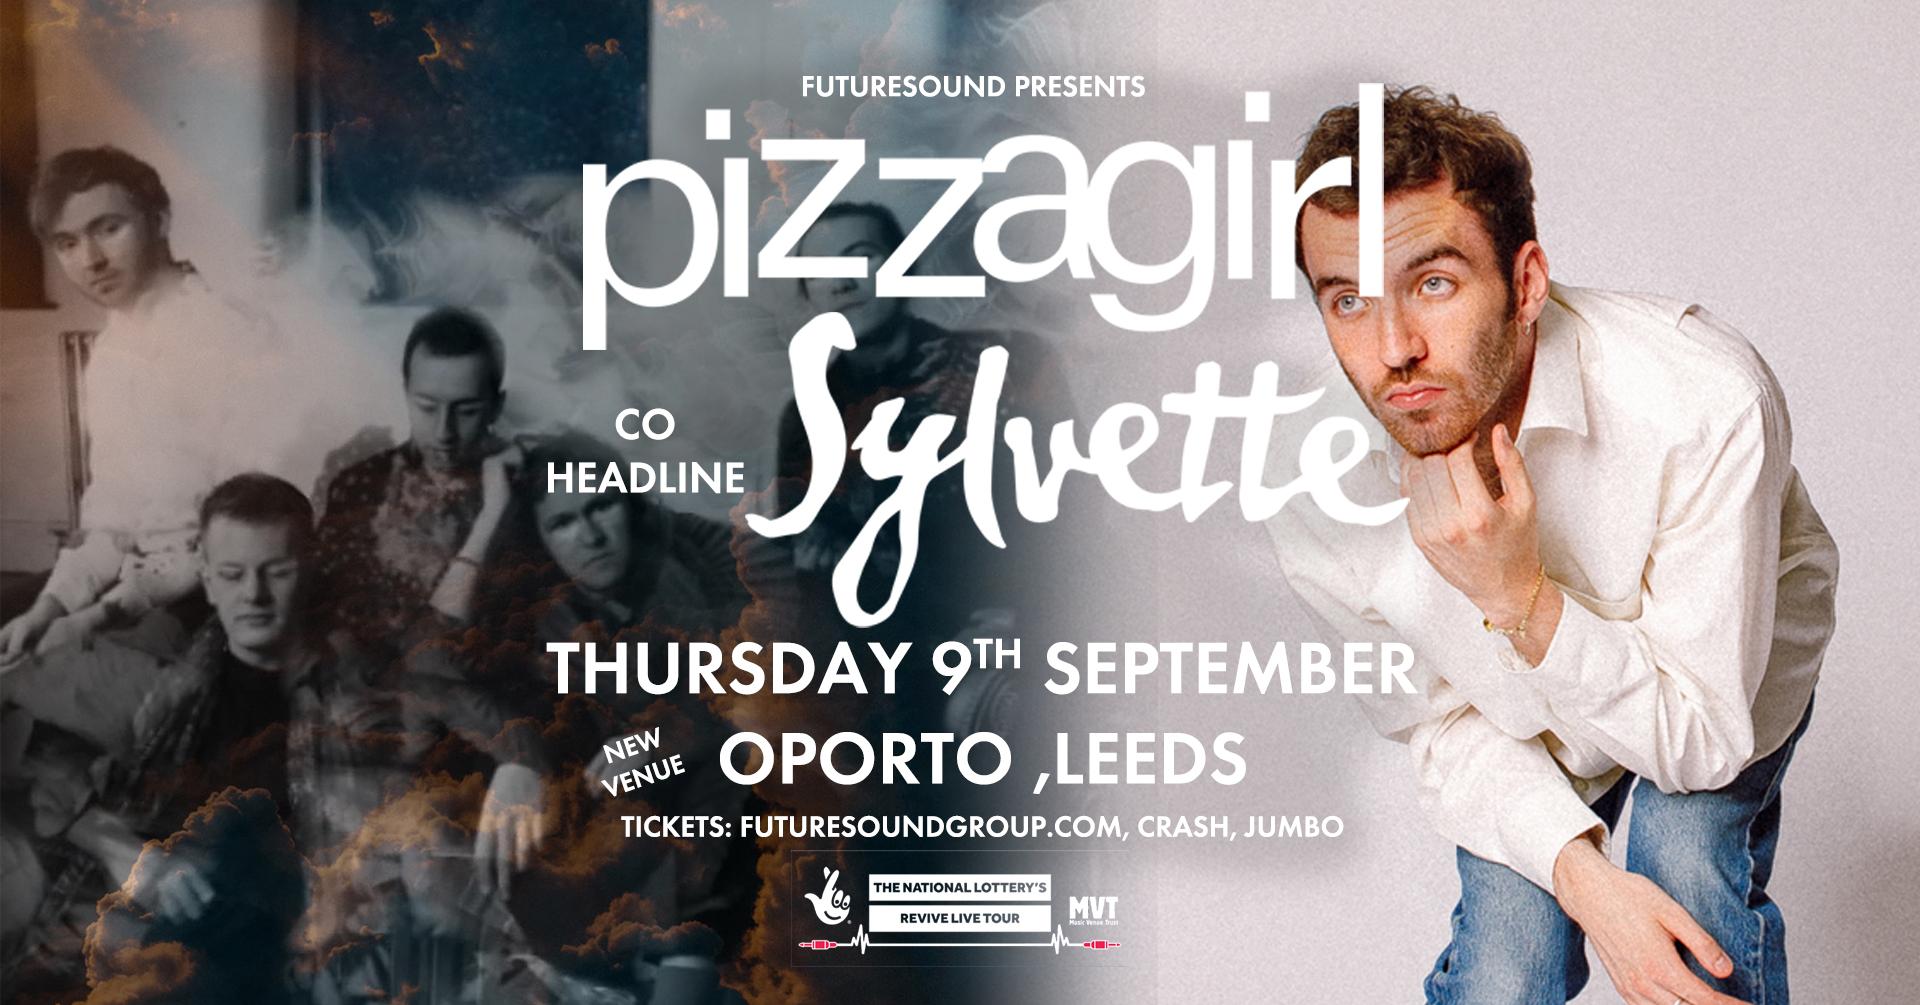 Sylvette + Pizzagirl Co-headline